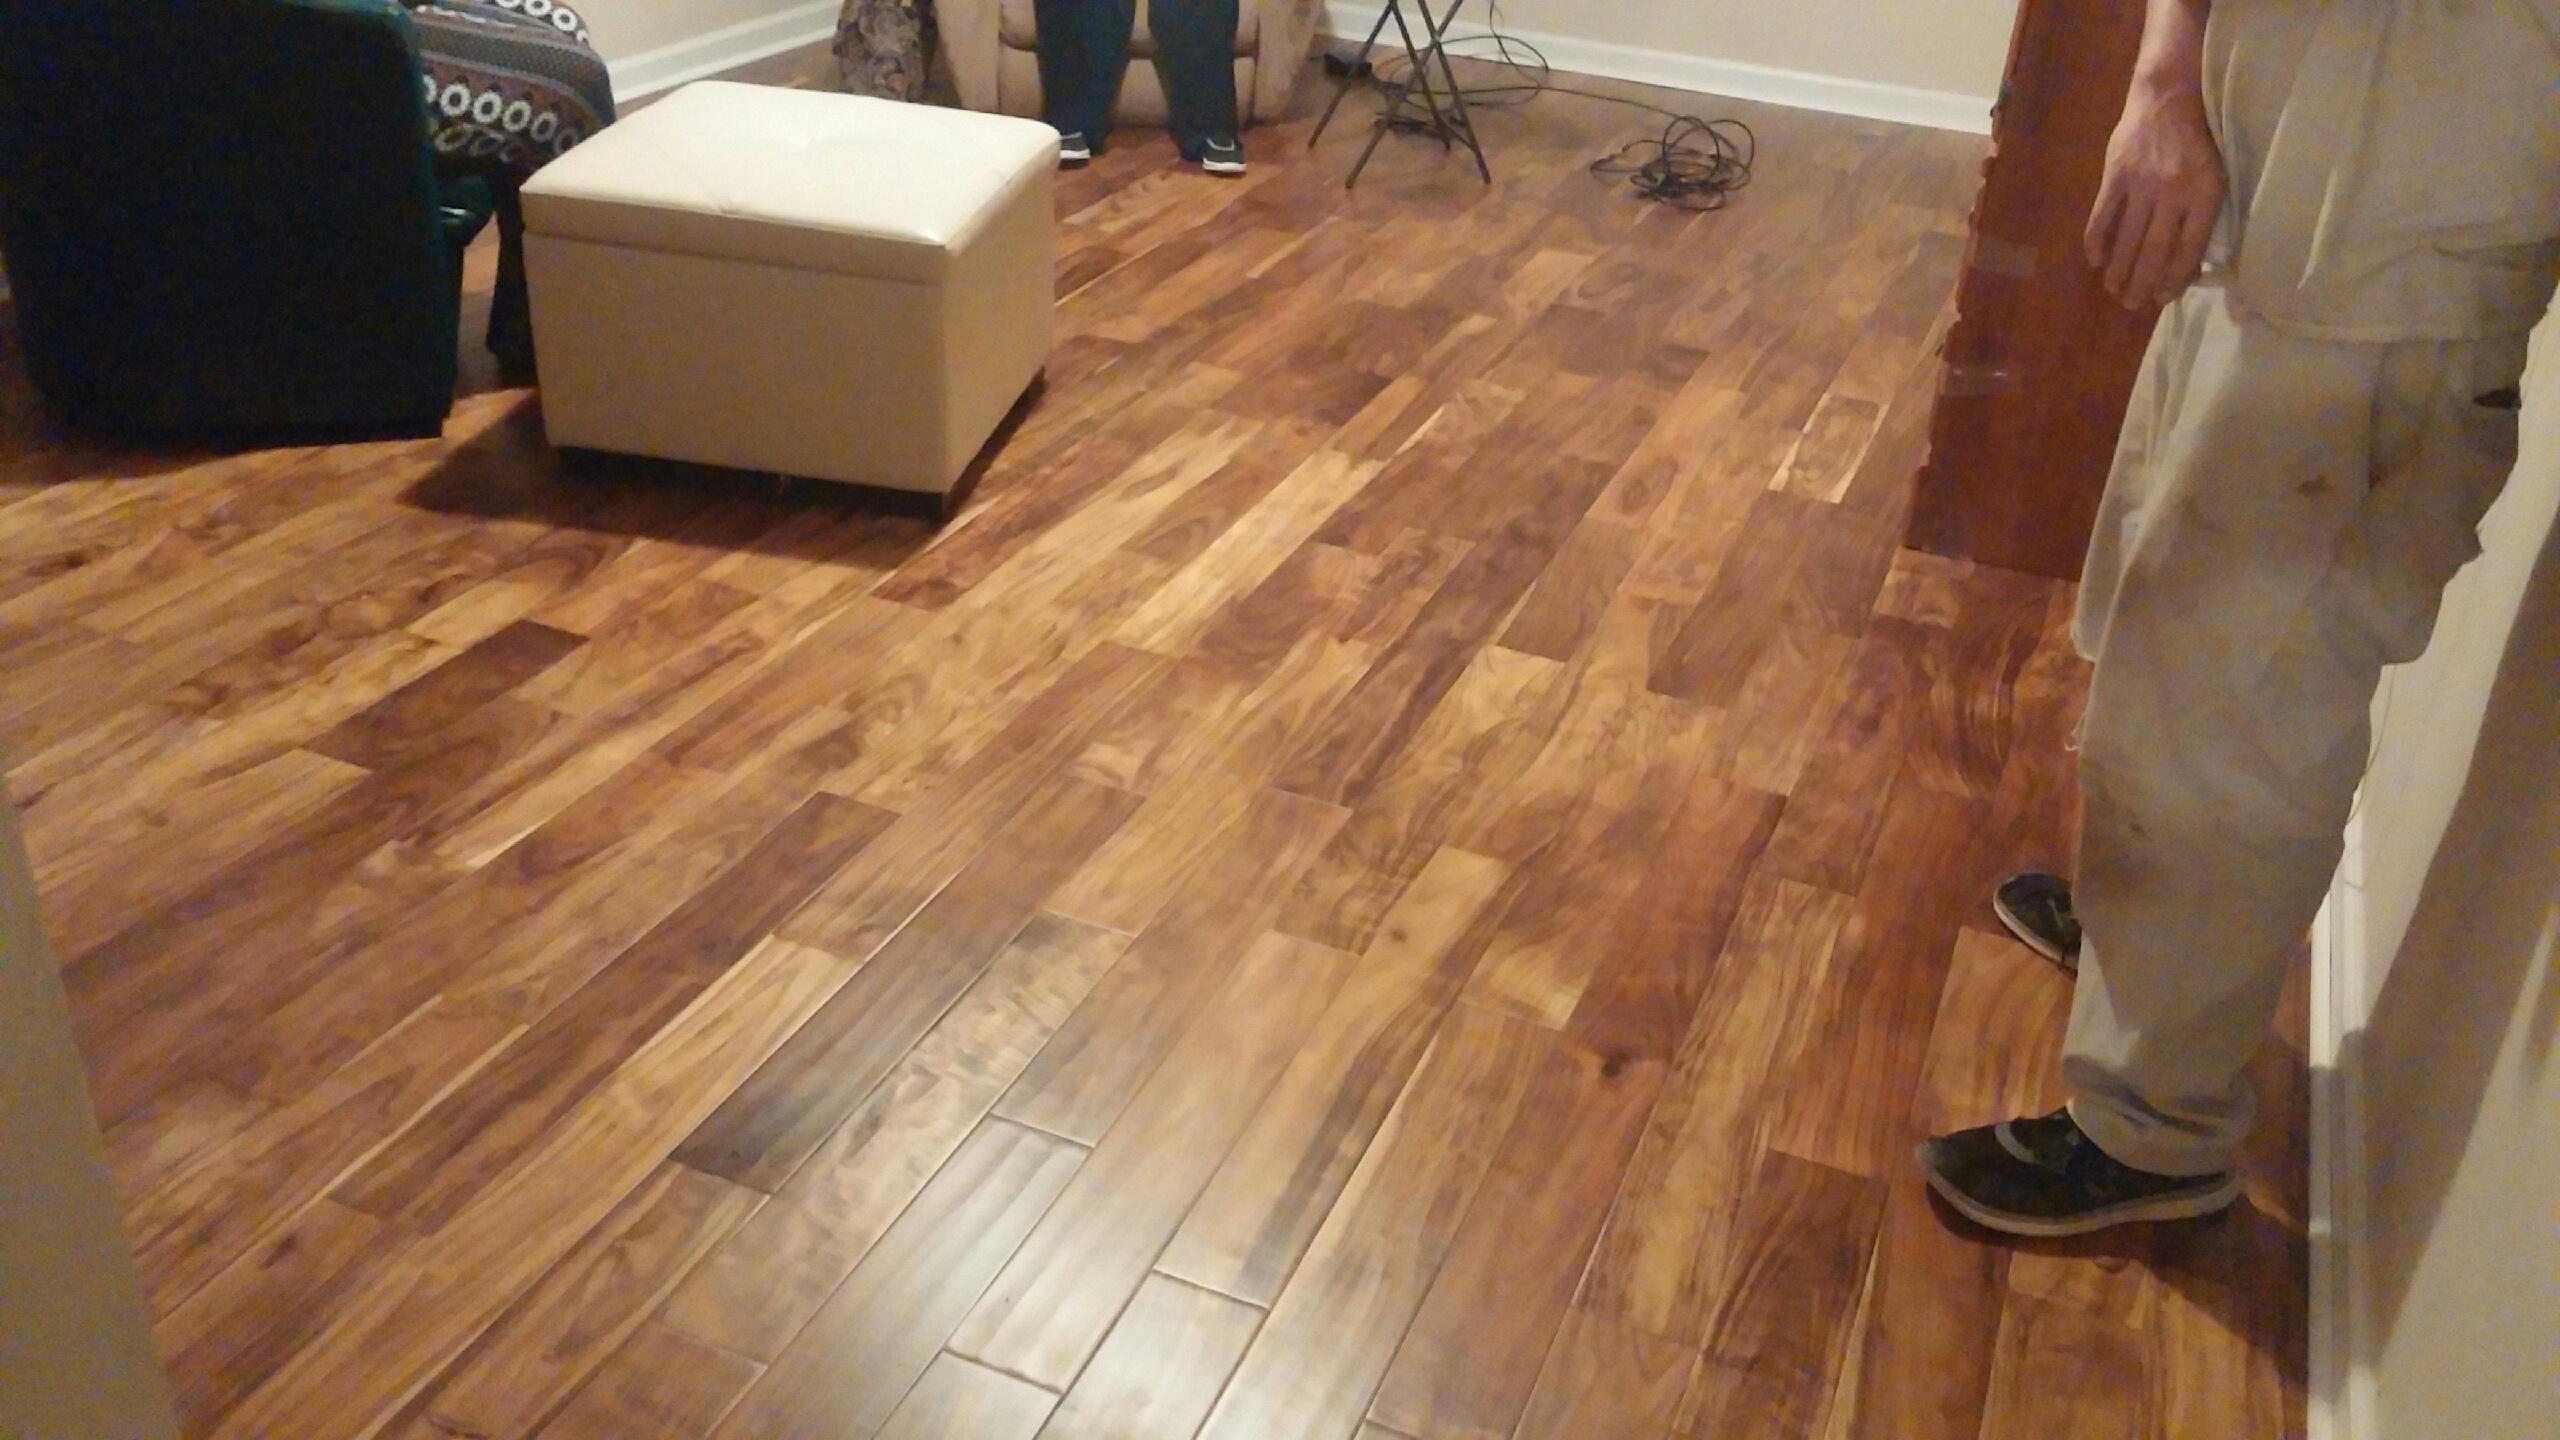 Santa Fe Acacia wood